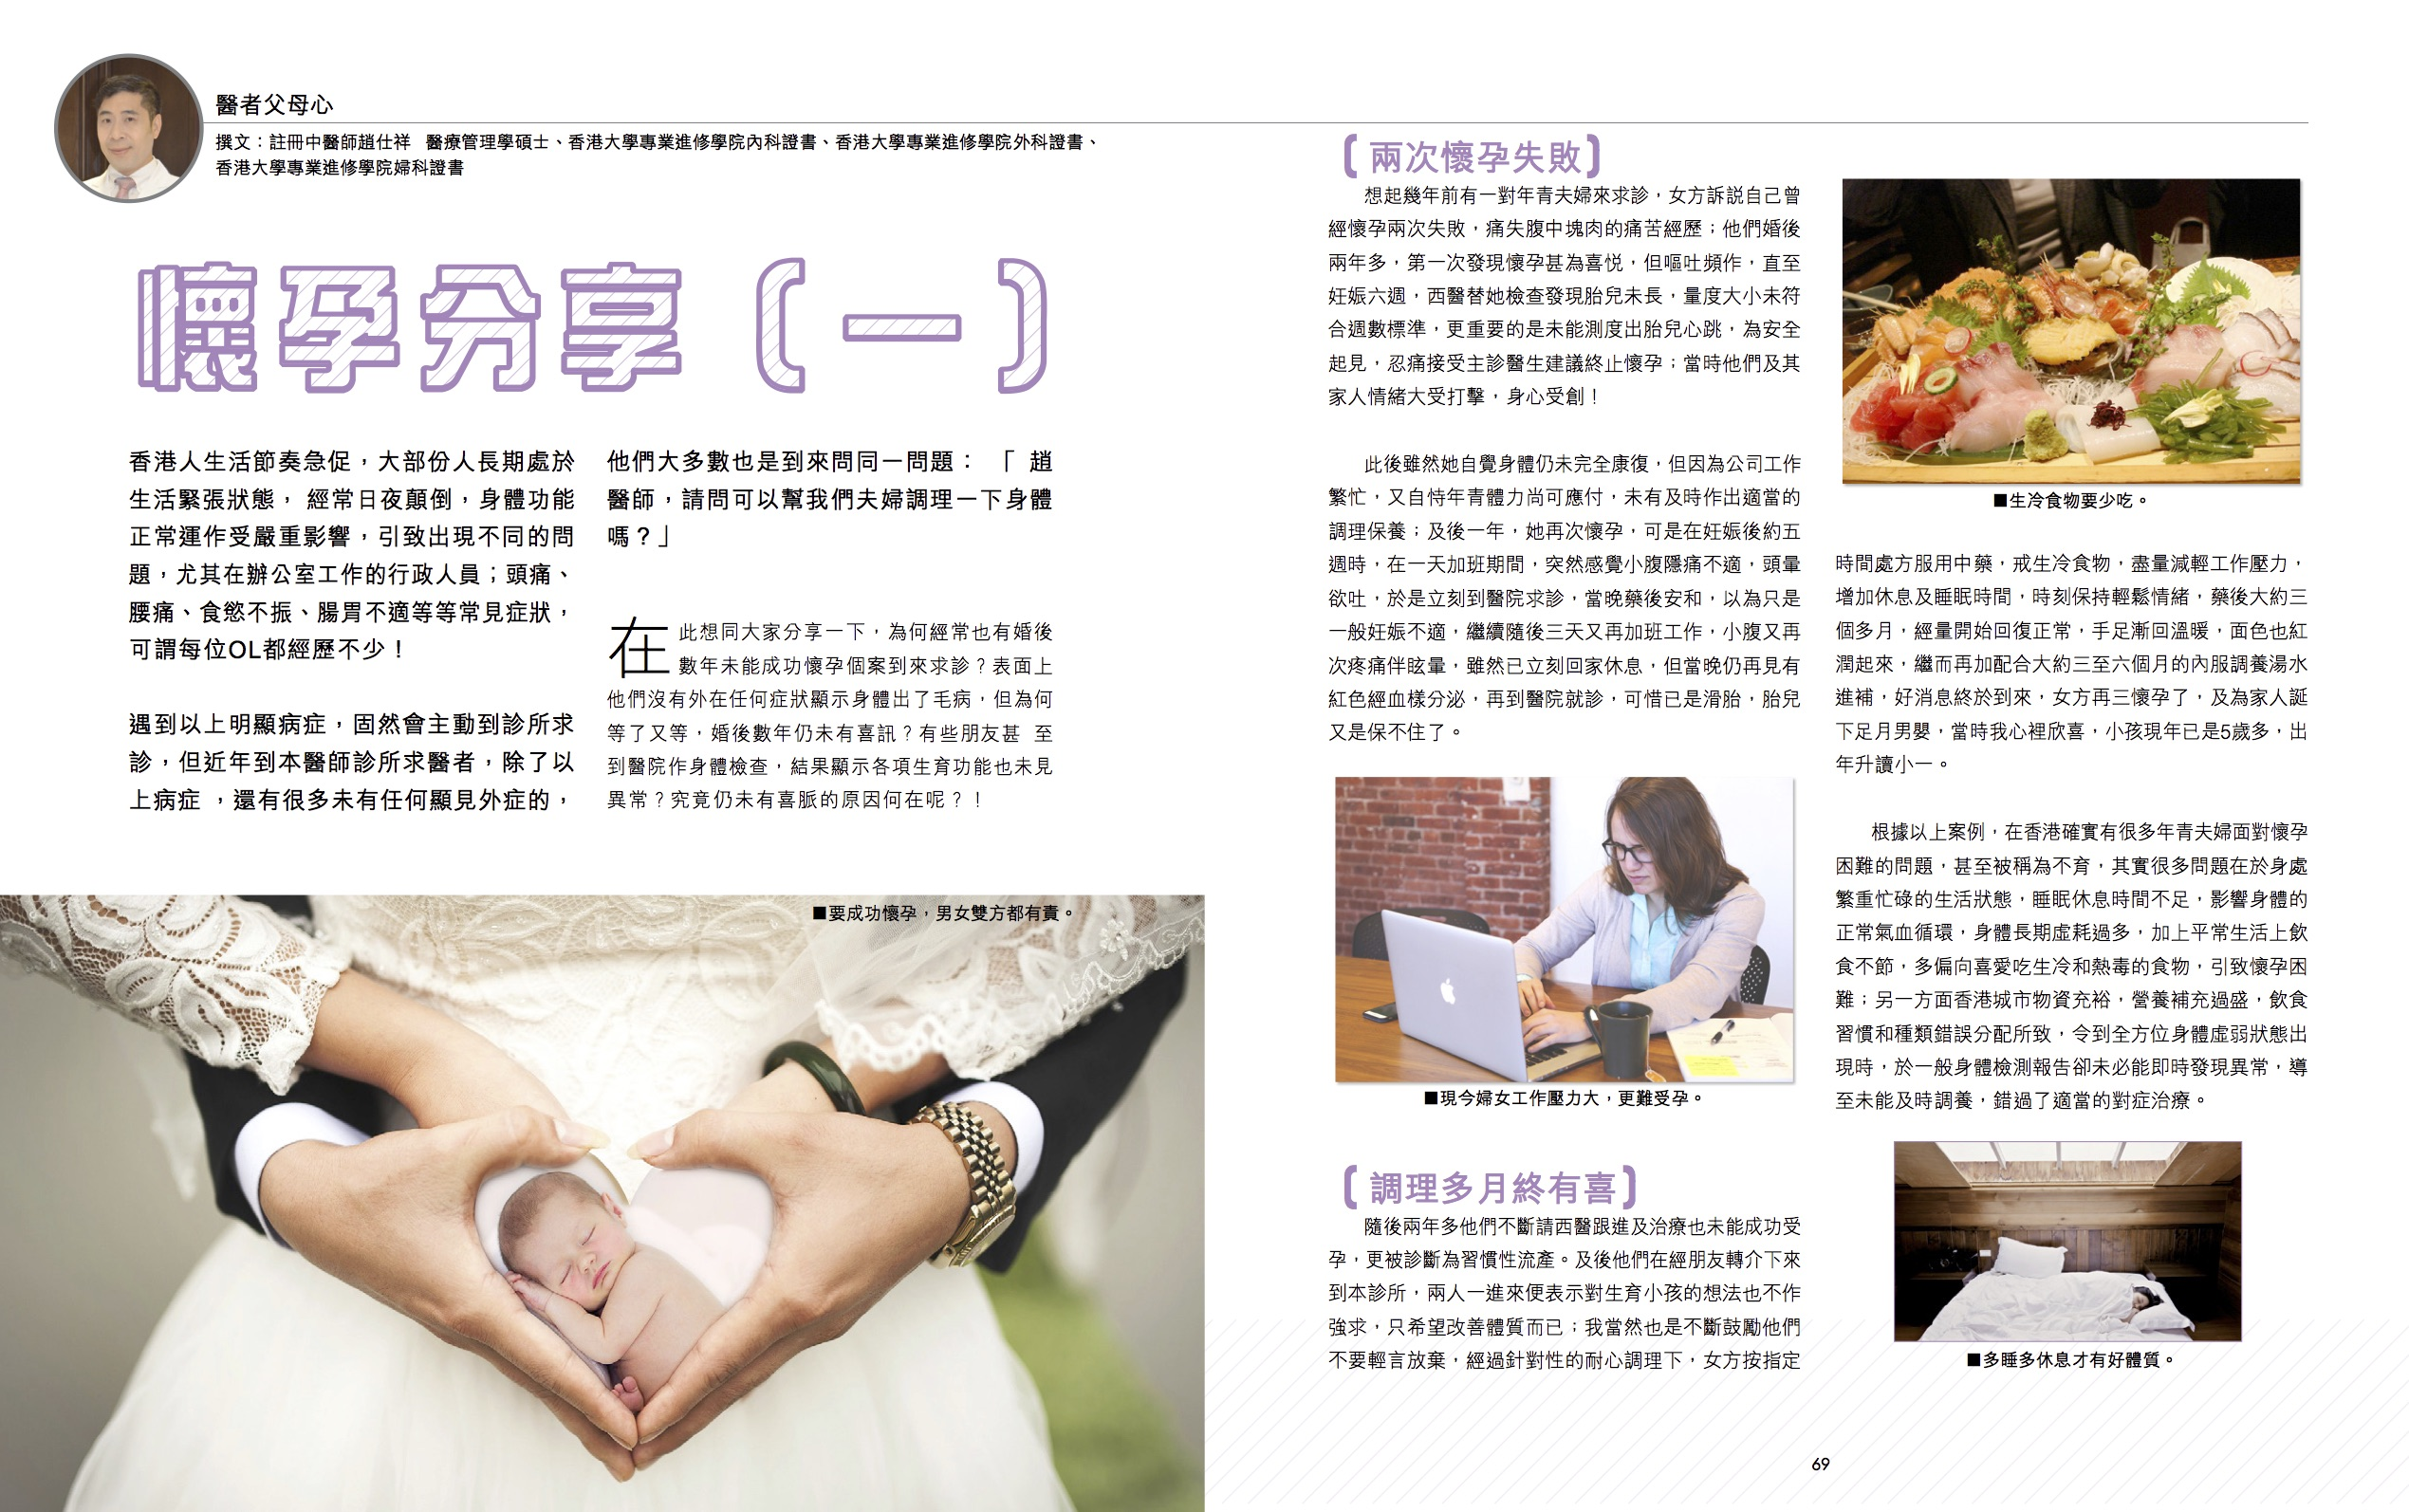 懷孕分享一.jpg